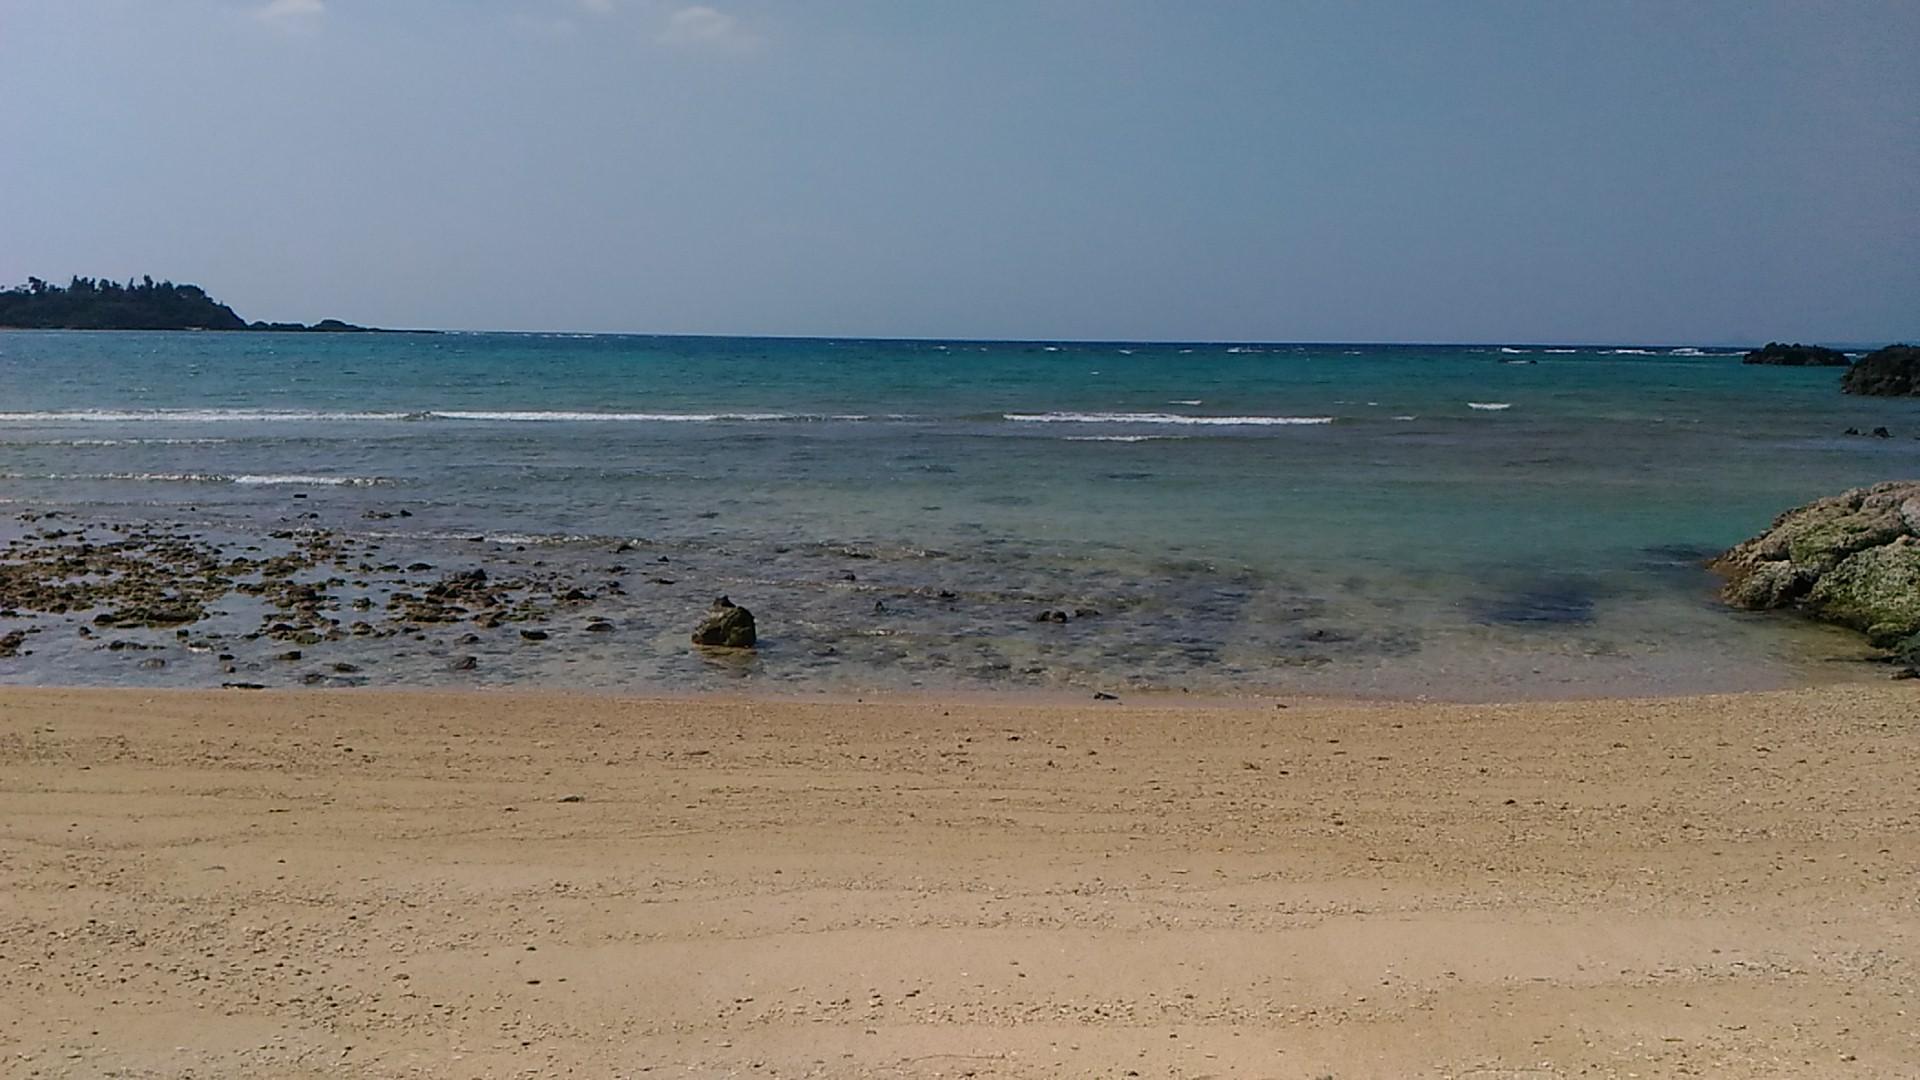 目の前のビーチ 沖縄 干潮時のビーチ | 沖縄民宿☆美ら海くん